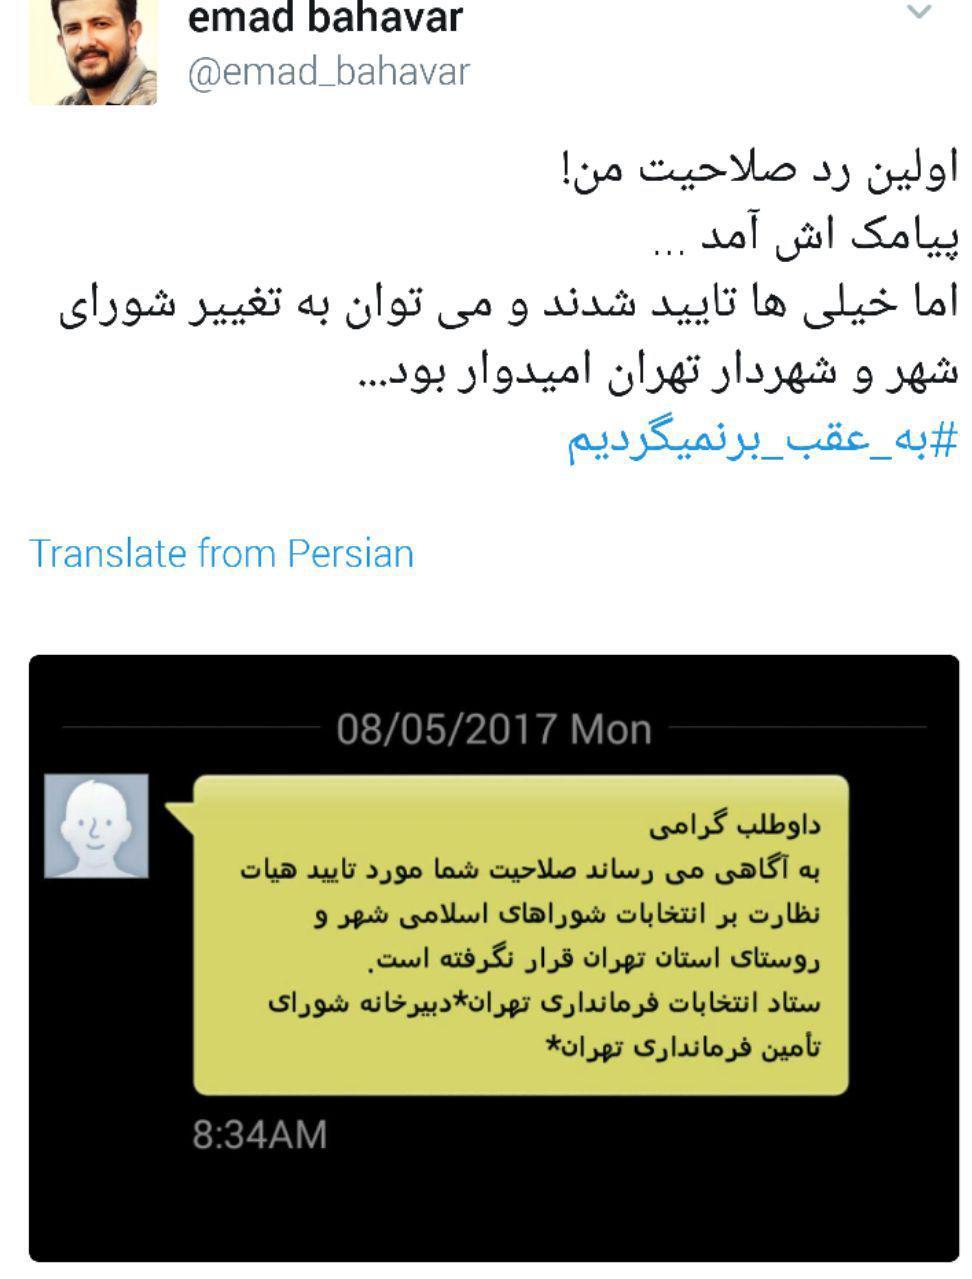 عماد بهاور رد صلاحیت شد